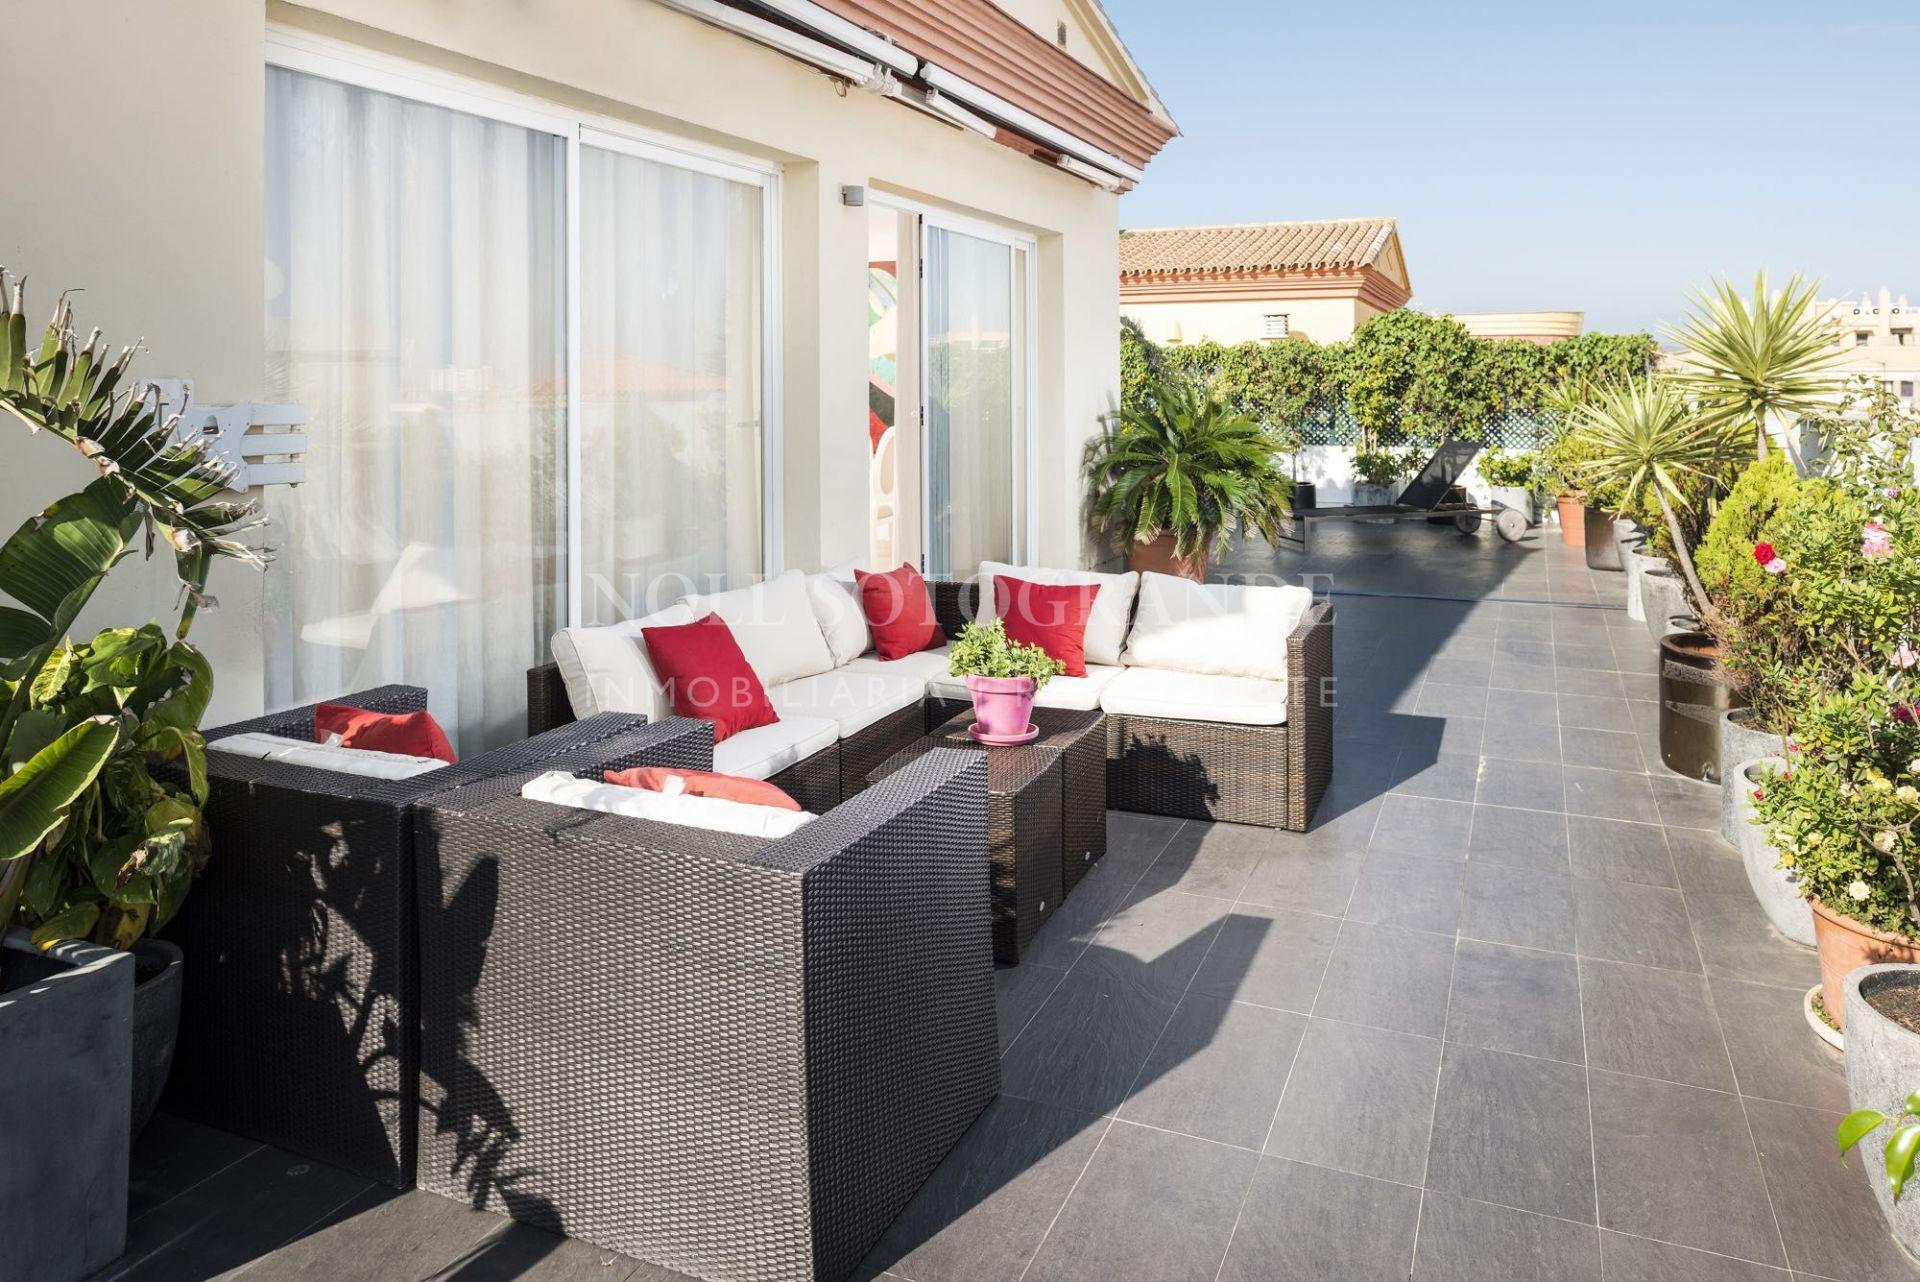 Penthouse with large private terrace in the heart of La Linea de la Concepción